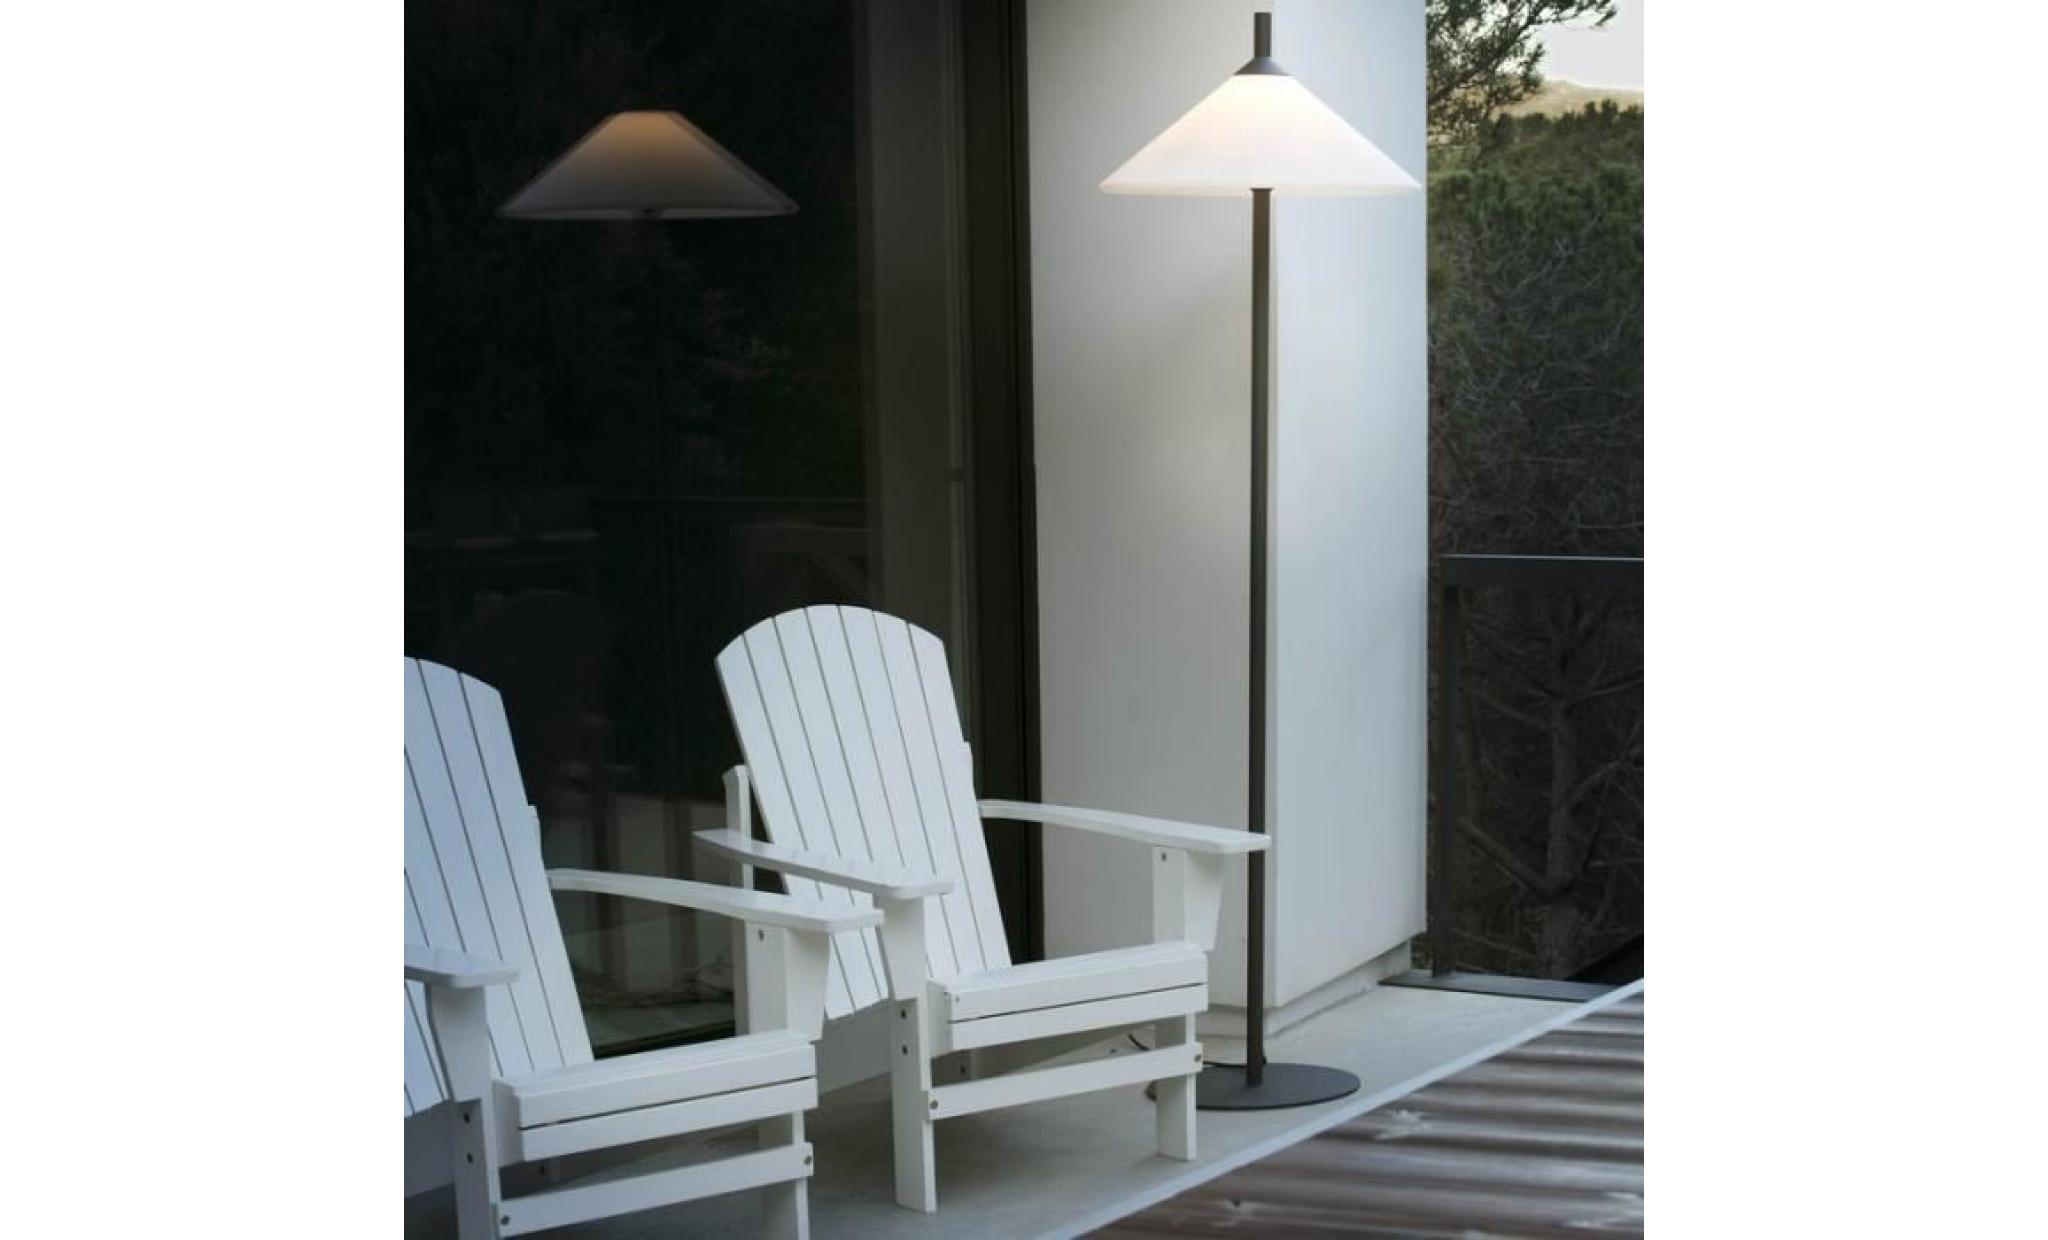 lampadaire exterieur design hue d58 cm ip65 blanc 0 000000 achat vente lampadaire jardin pas cher coindujardin com